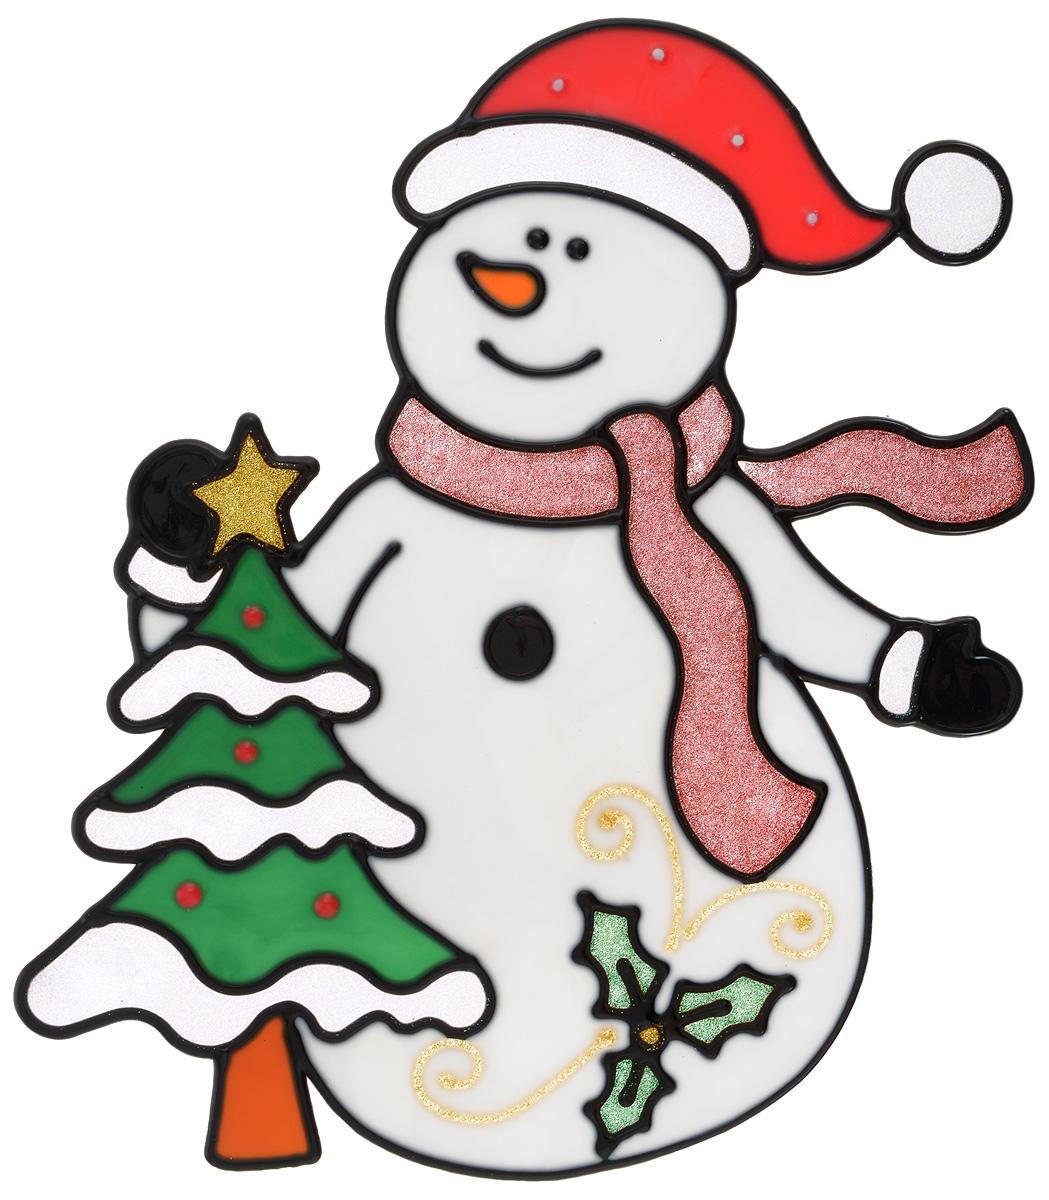 Новогоднее оконное украшение Winter Wings Снеговик с елкой, 21 х 24 см170847Новогоднее оконное украшение Winter Wings Снеговик с елкой выполнено из геля.С помощью наклейки Winter Wings Снеговик с елкой можно составлять на стекле целые зимние сюжеты, которые будут радовать глаз, и поднимать настроение в праздничные дни! Так же Вы можете преподнести этот сувенир в качестве мини-презента коллегам, близким и друзьям с пожеланиями счастливого Нового Года!